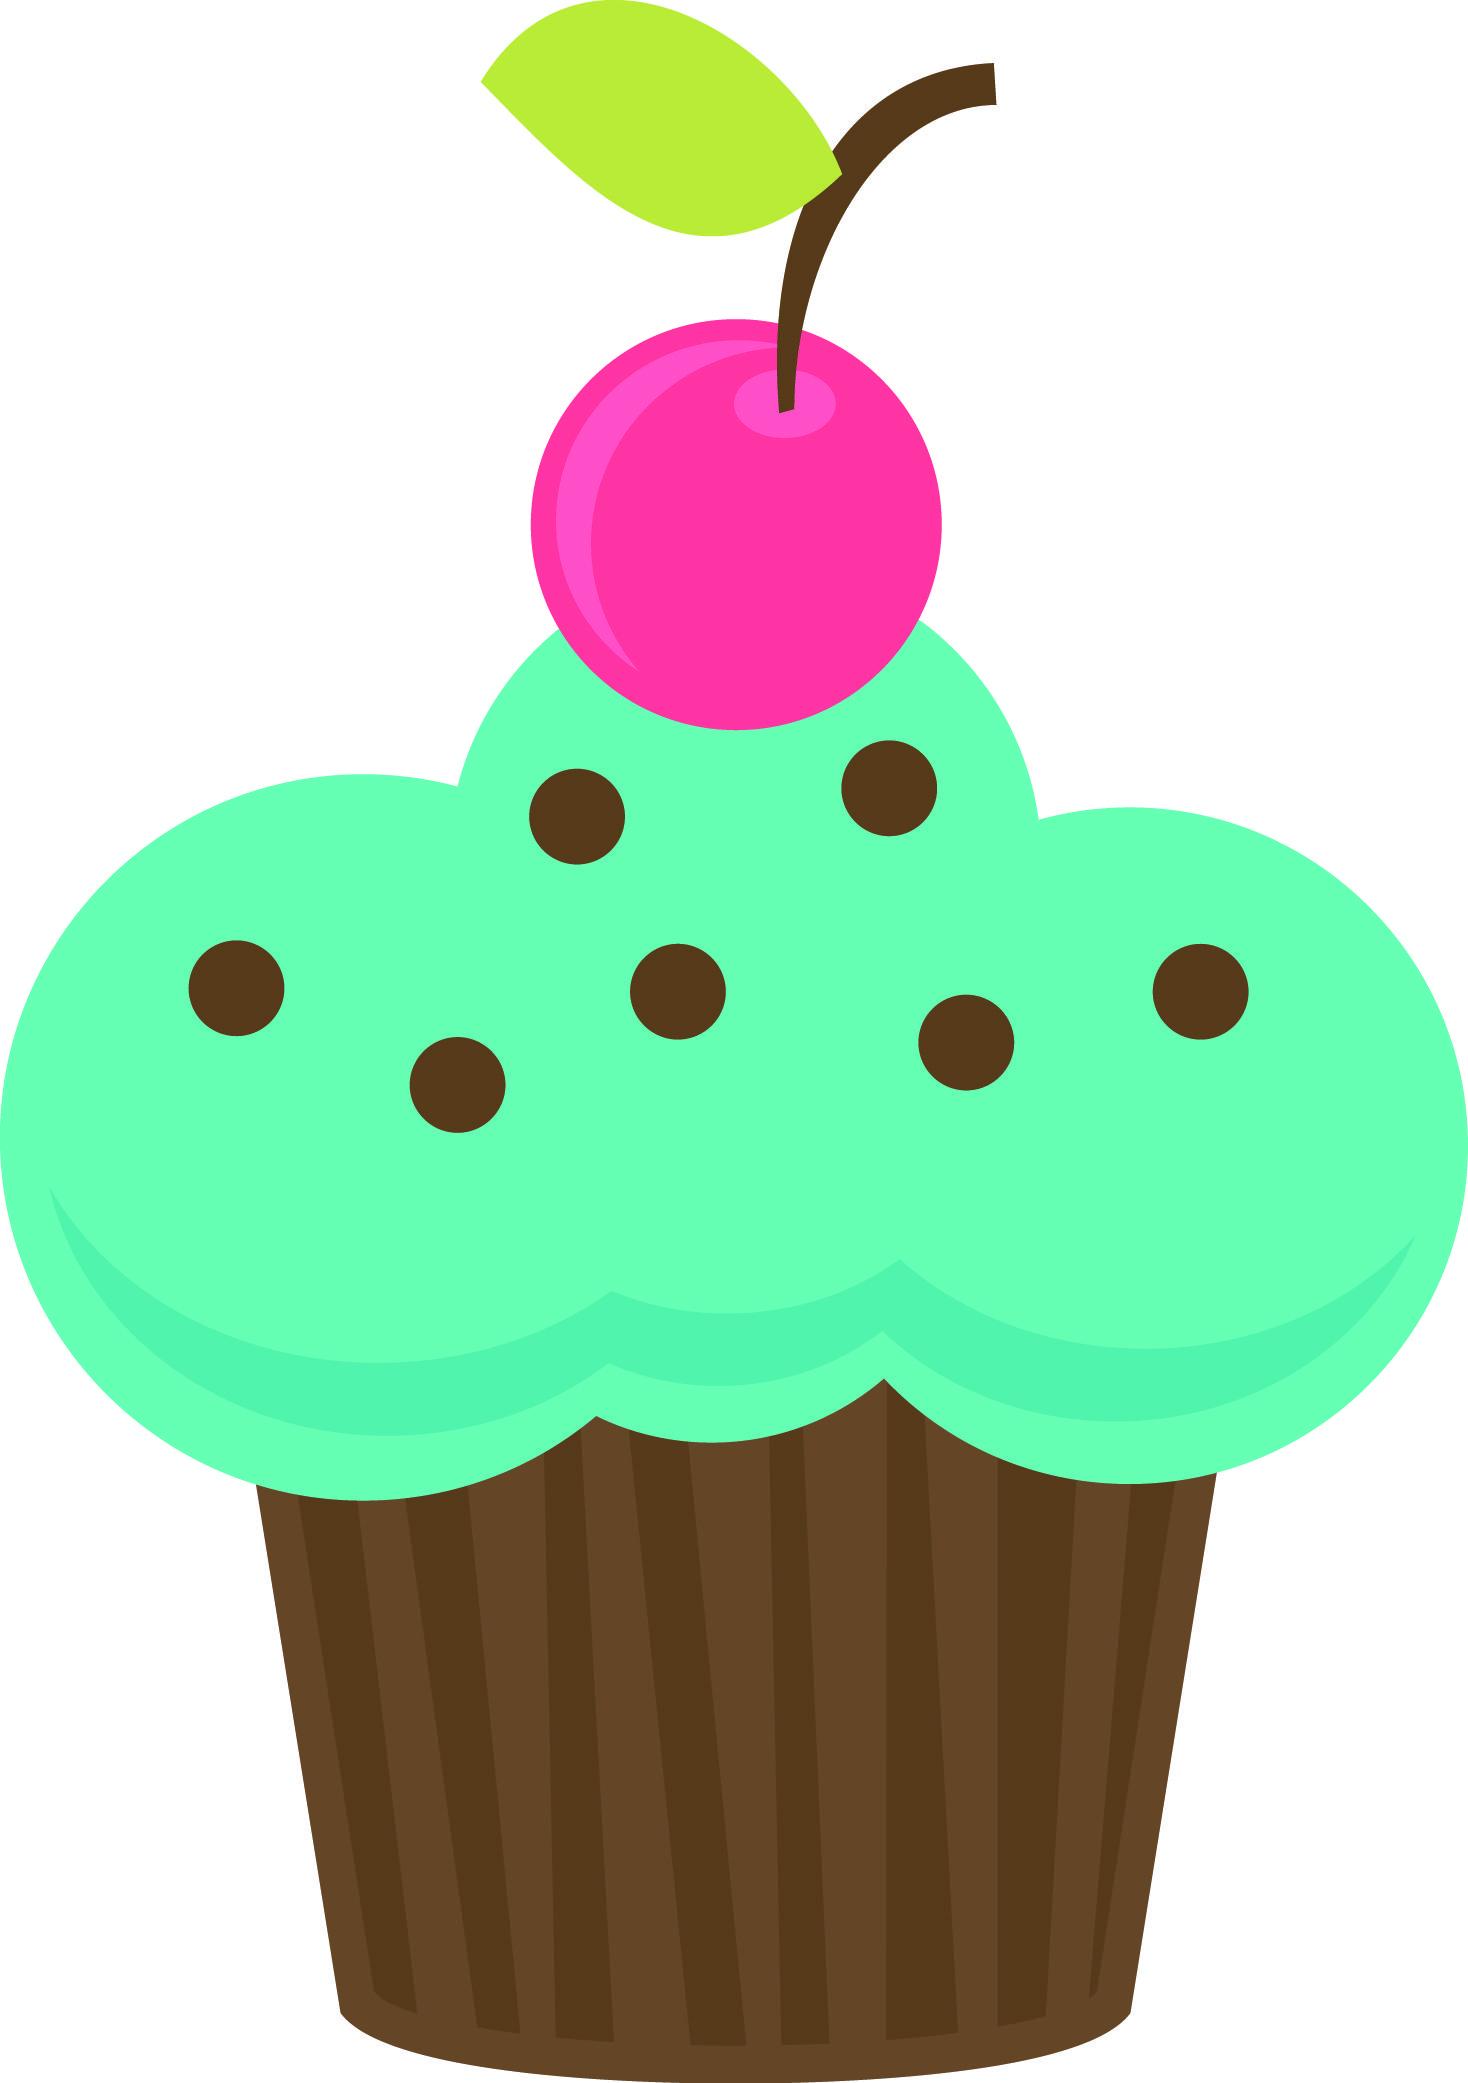 1468x2083 You'Re One Cute Cupcake! Scrapbook Food Clip Art